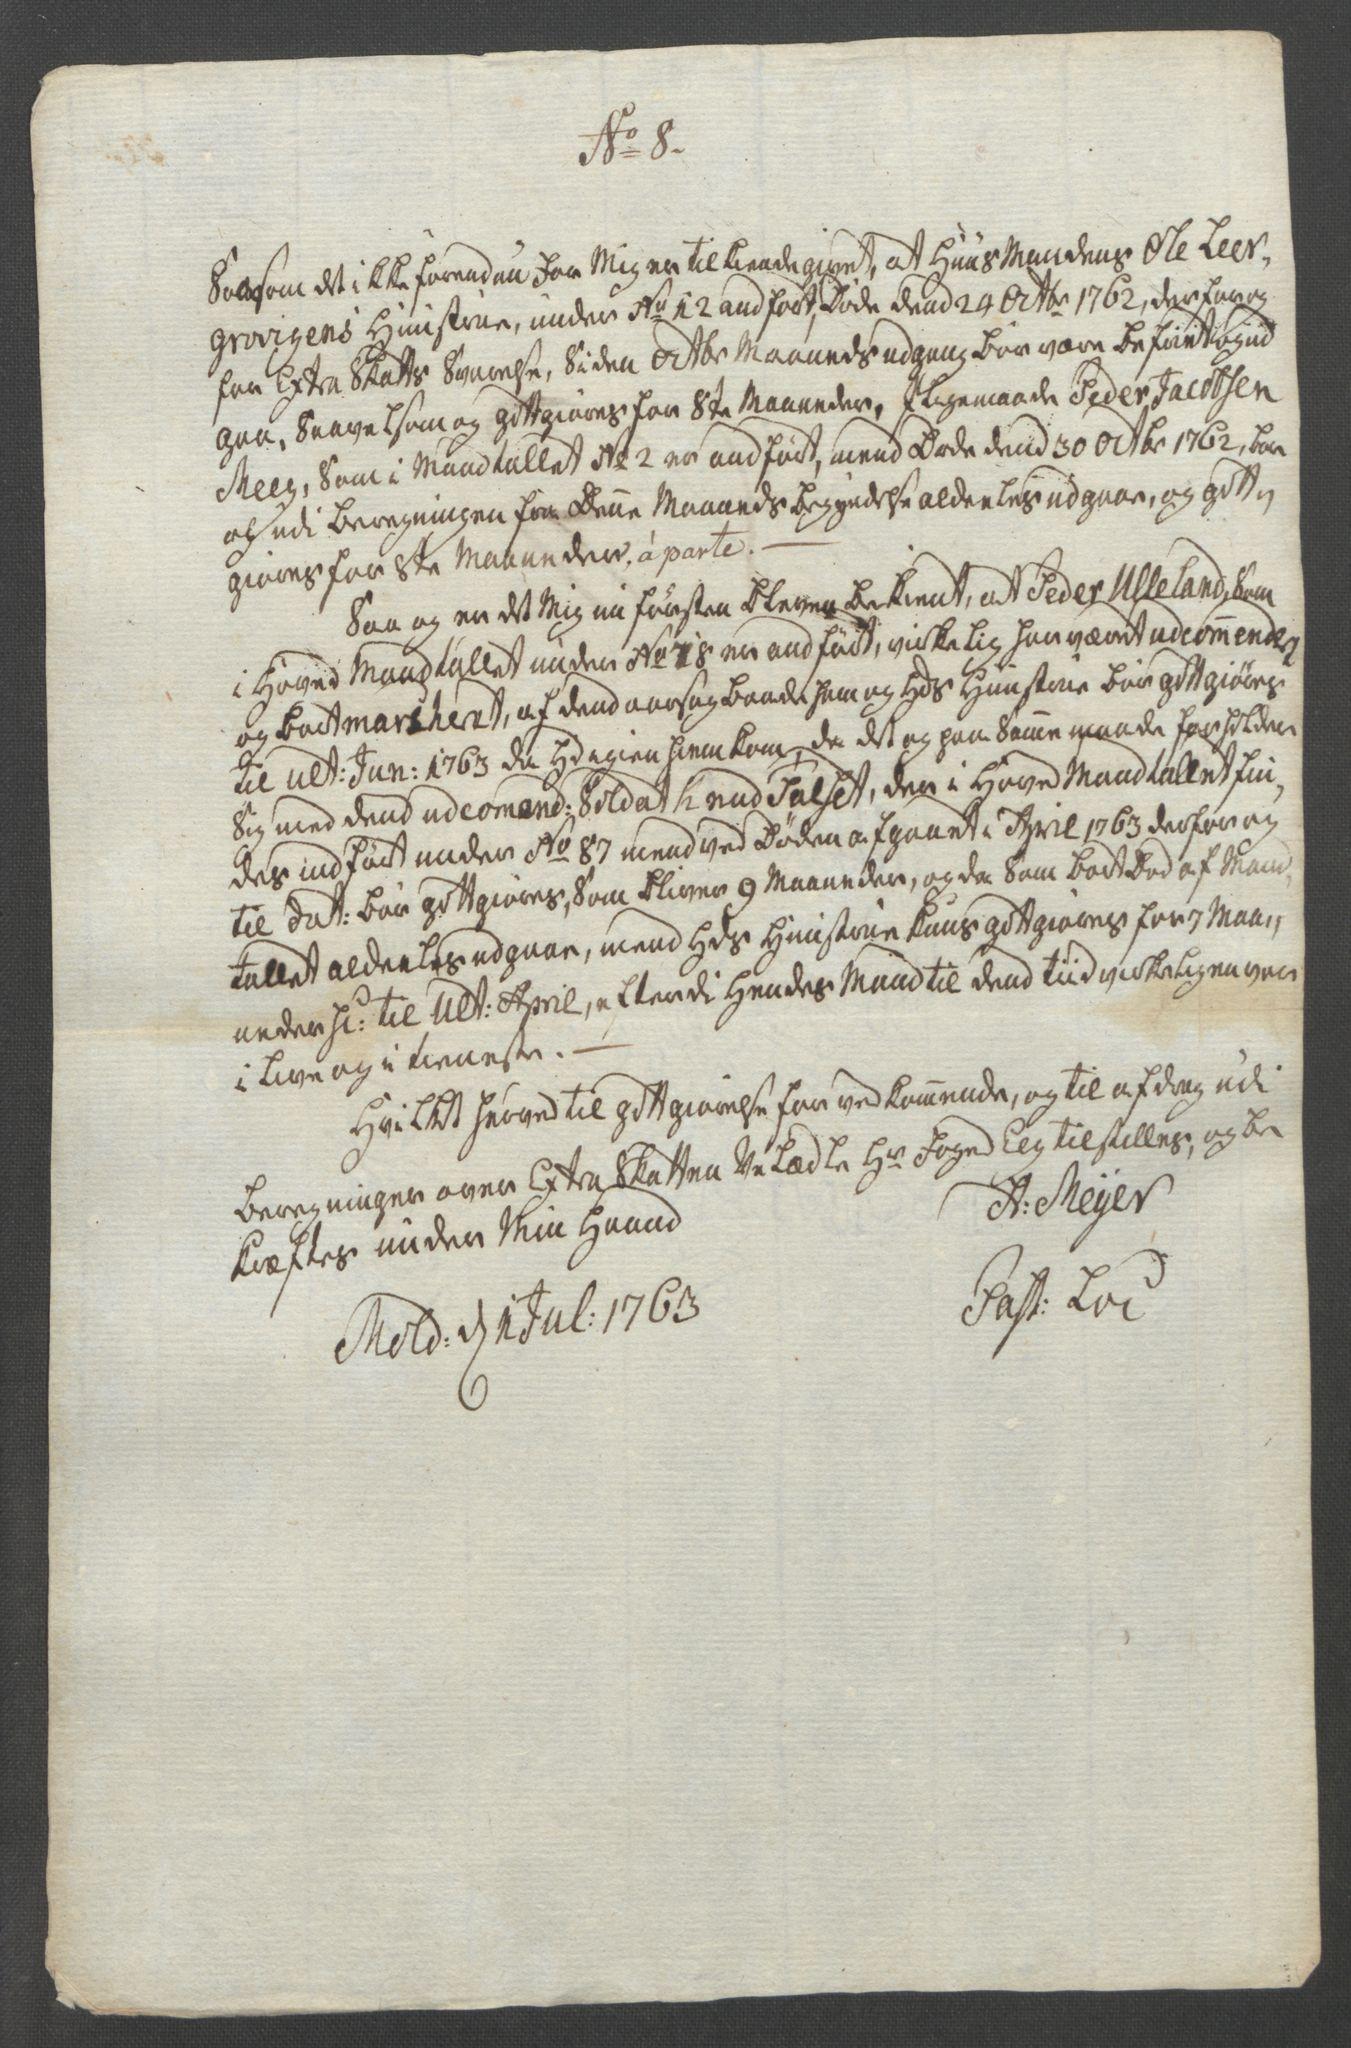 RA, Rentekammeret inntil 1814, Reviderte regnskaper, Fogderegnskap, R55/L3730: Ekstraskatten Romsdal, 1762-1763, s. 521